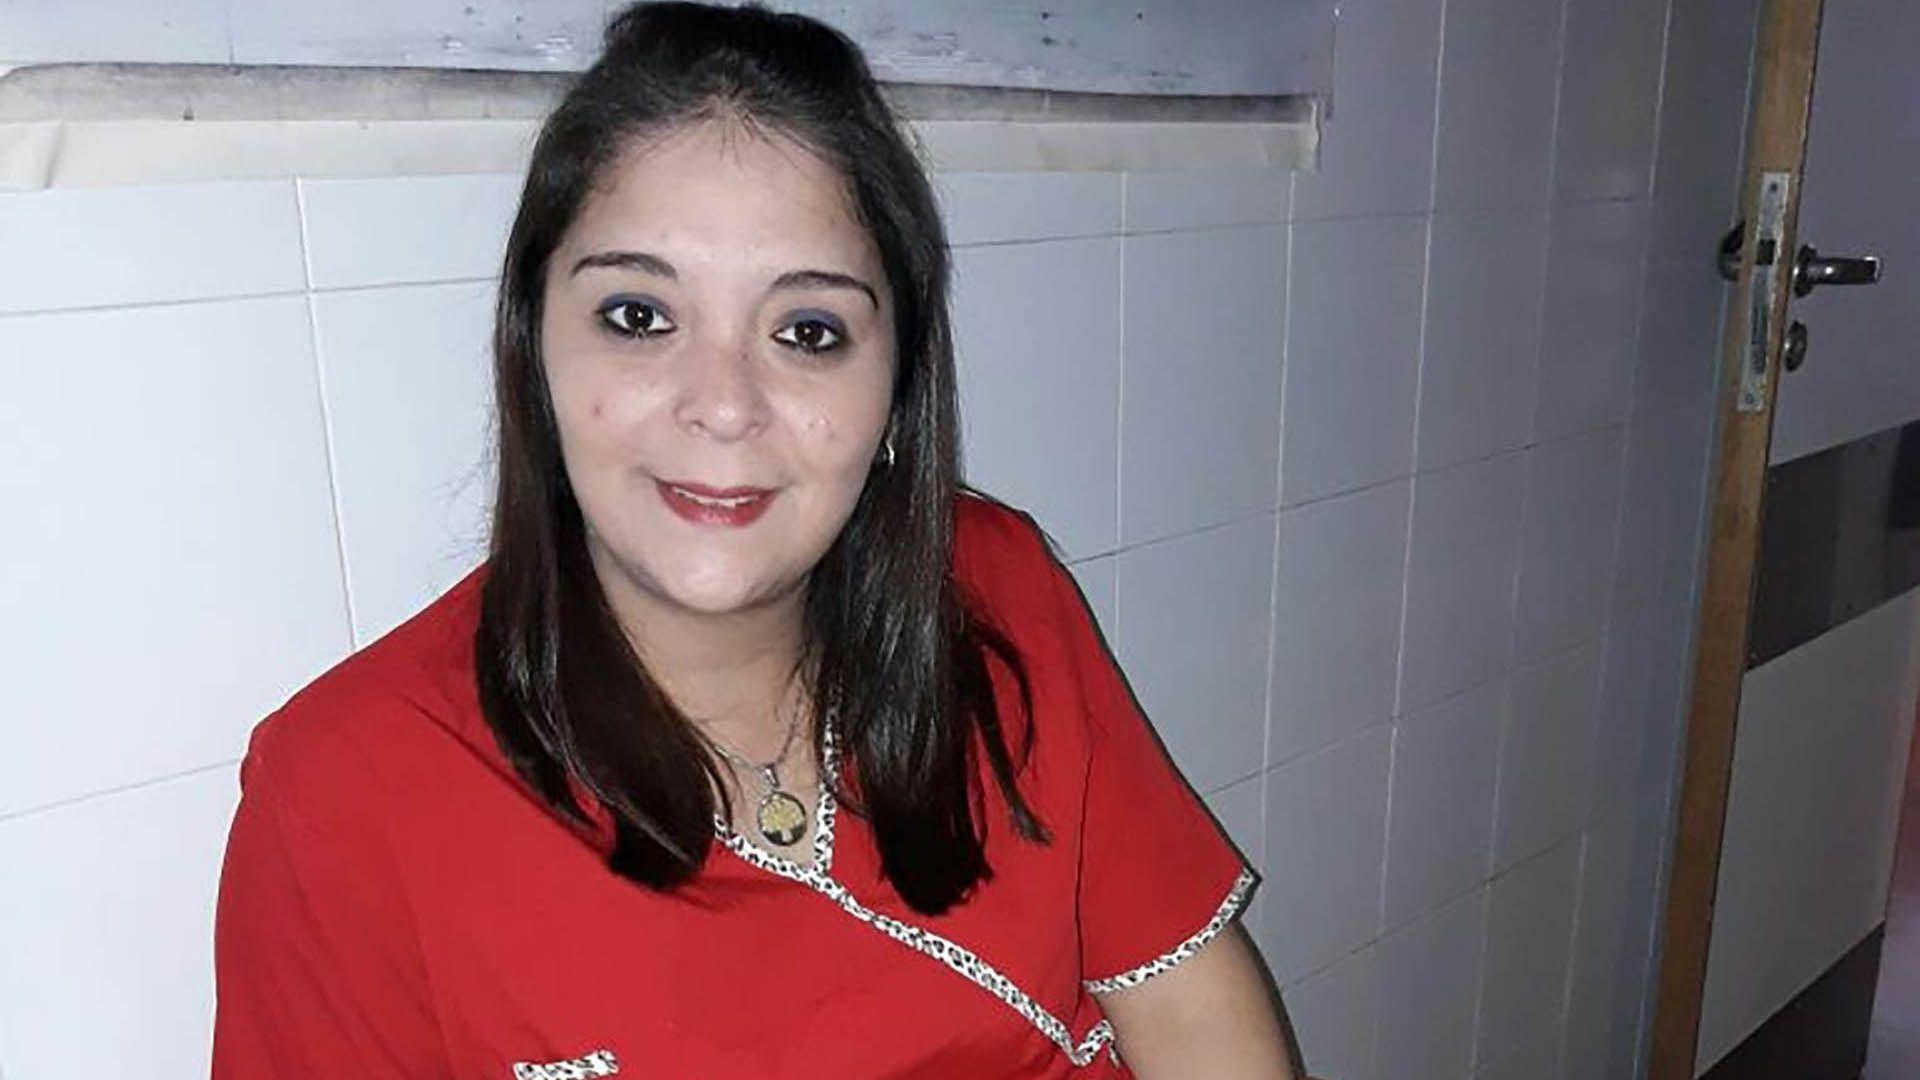 Daiana Almeida tenía 30 años y trabajaba como enfermera